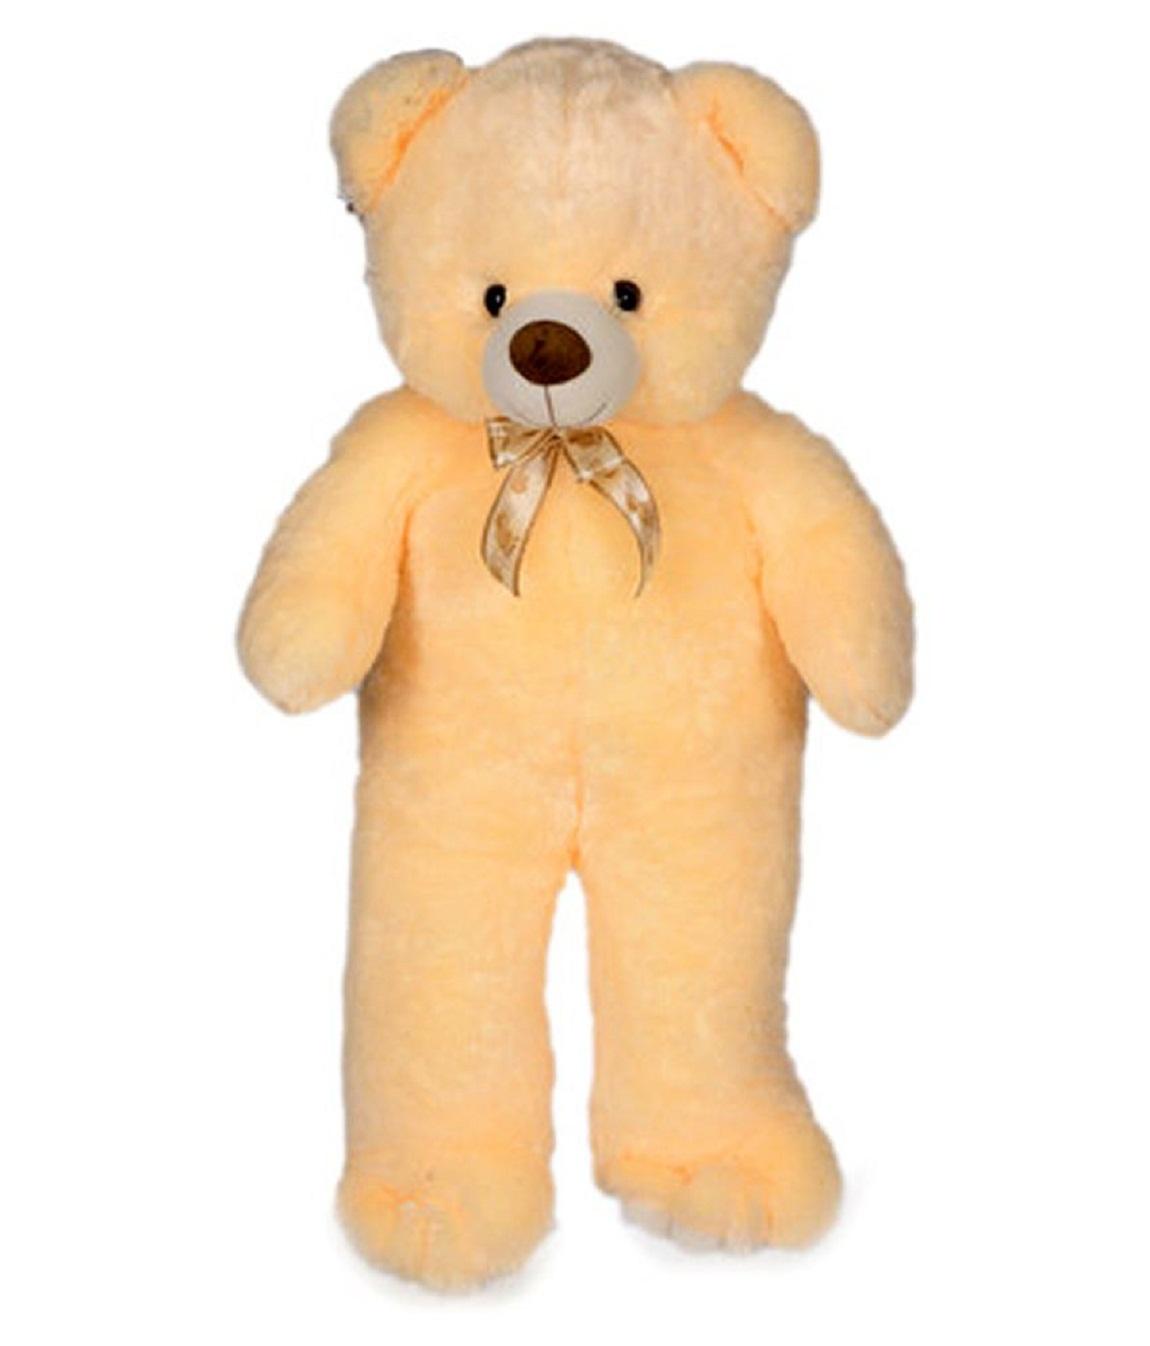 stuffed toy 3 feet soft and cute teddy bear   Cream